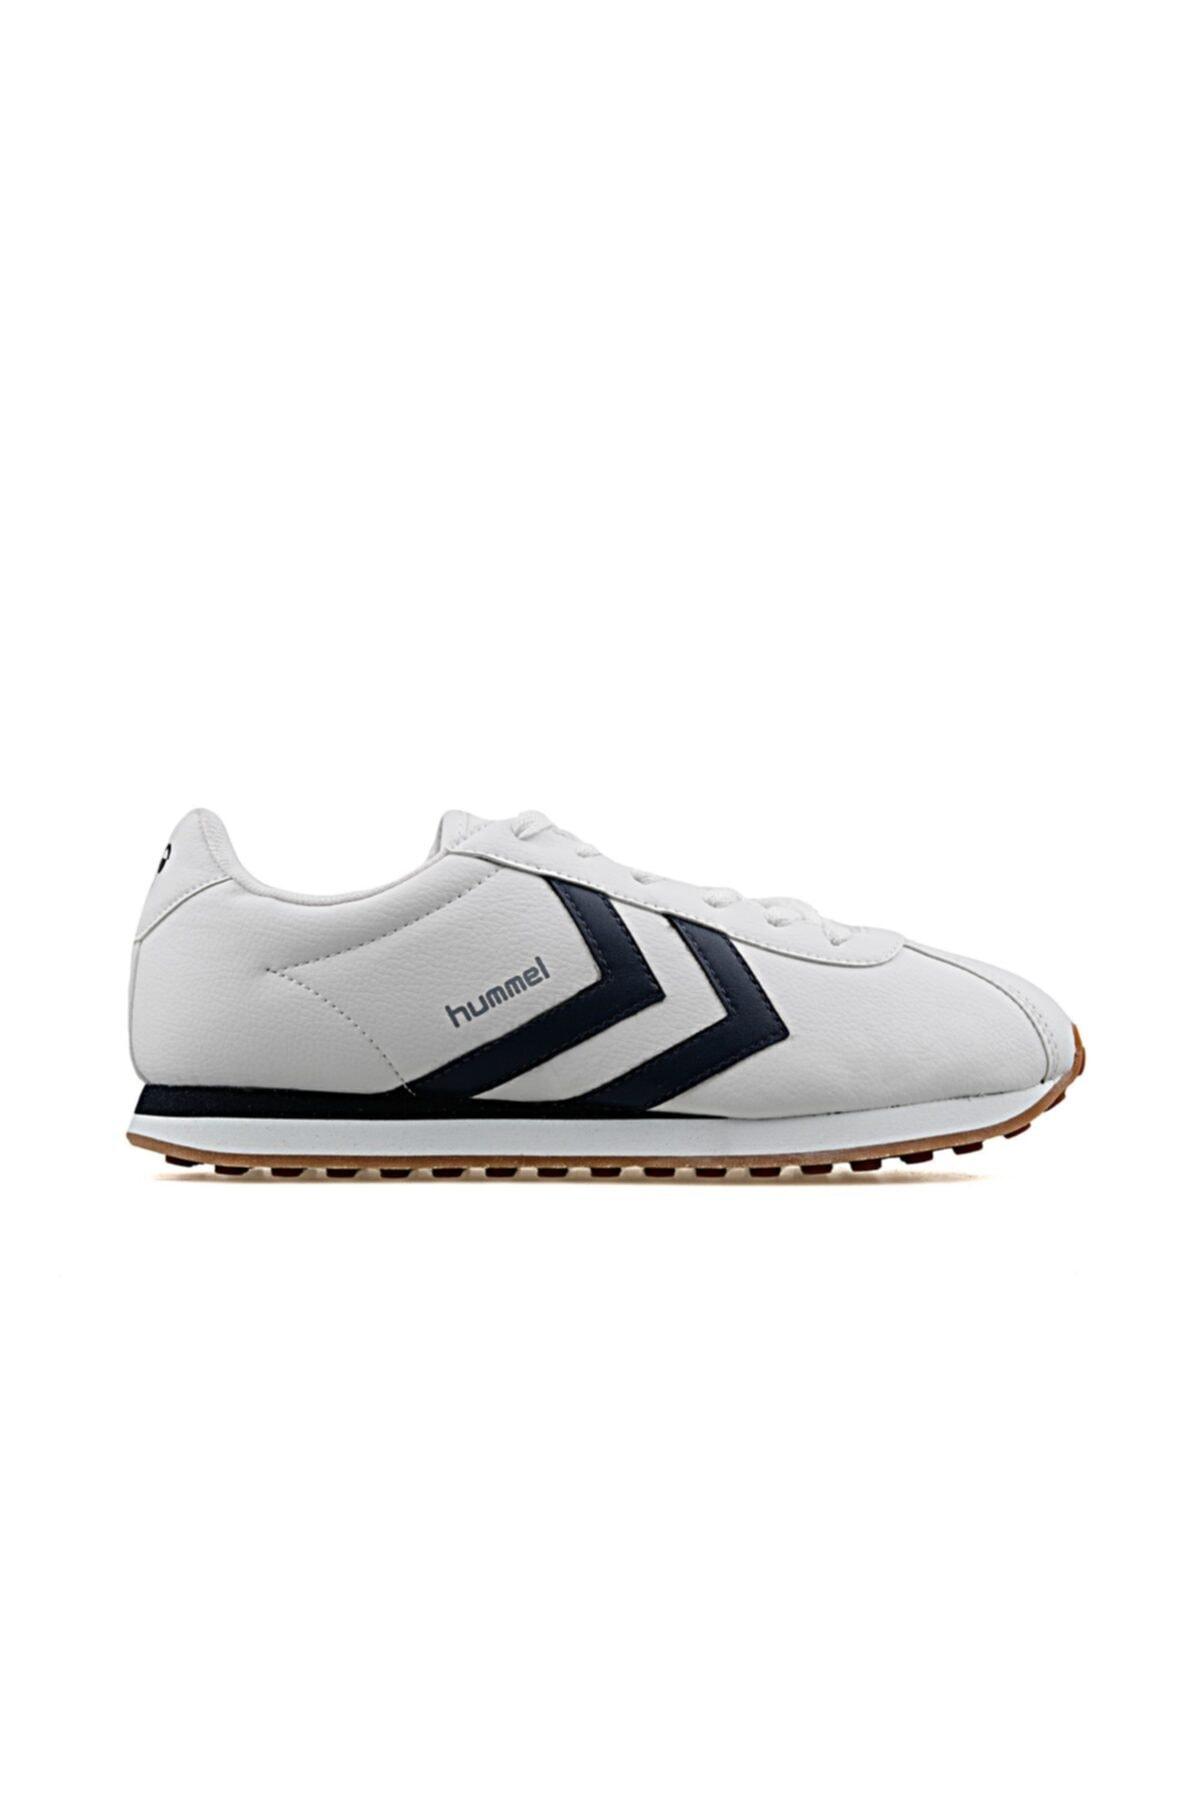 HUMMEL Unisex Beyaz Spor Ayakkabı - Hmlray Spor Ayakkabı 1